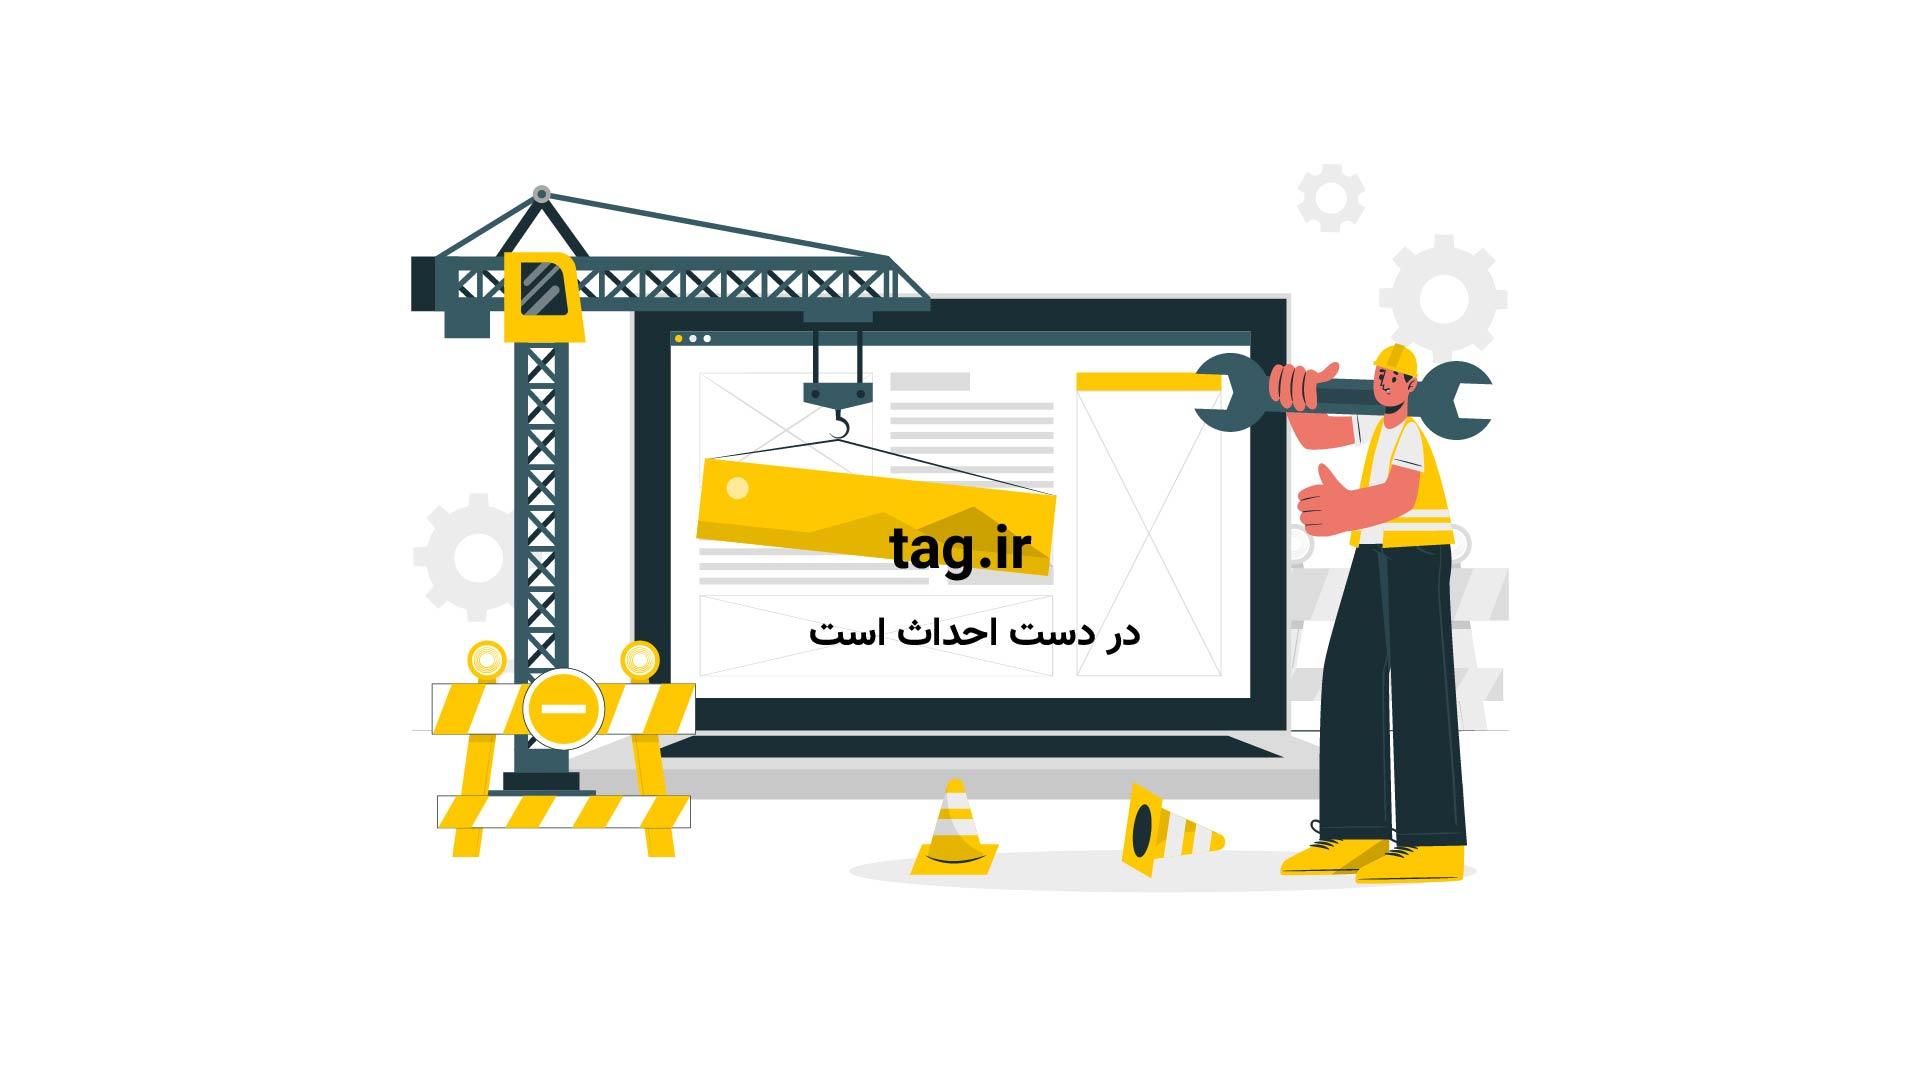 عبور مهمات نظامی از عرض رودخانه | فیلم